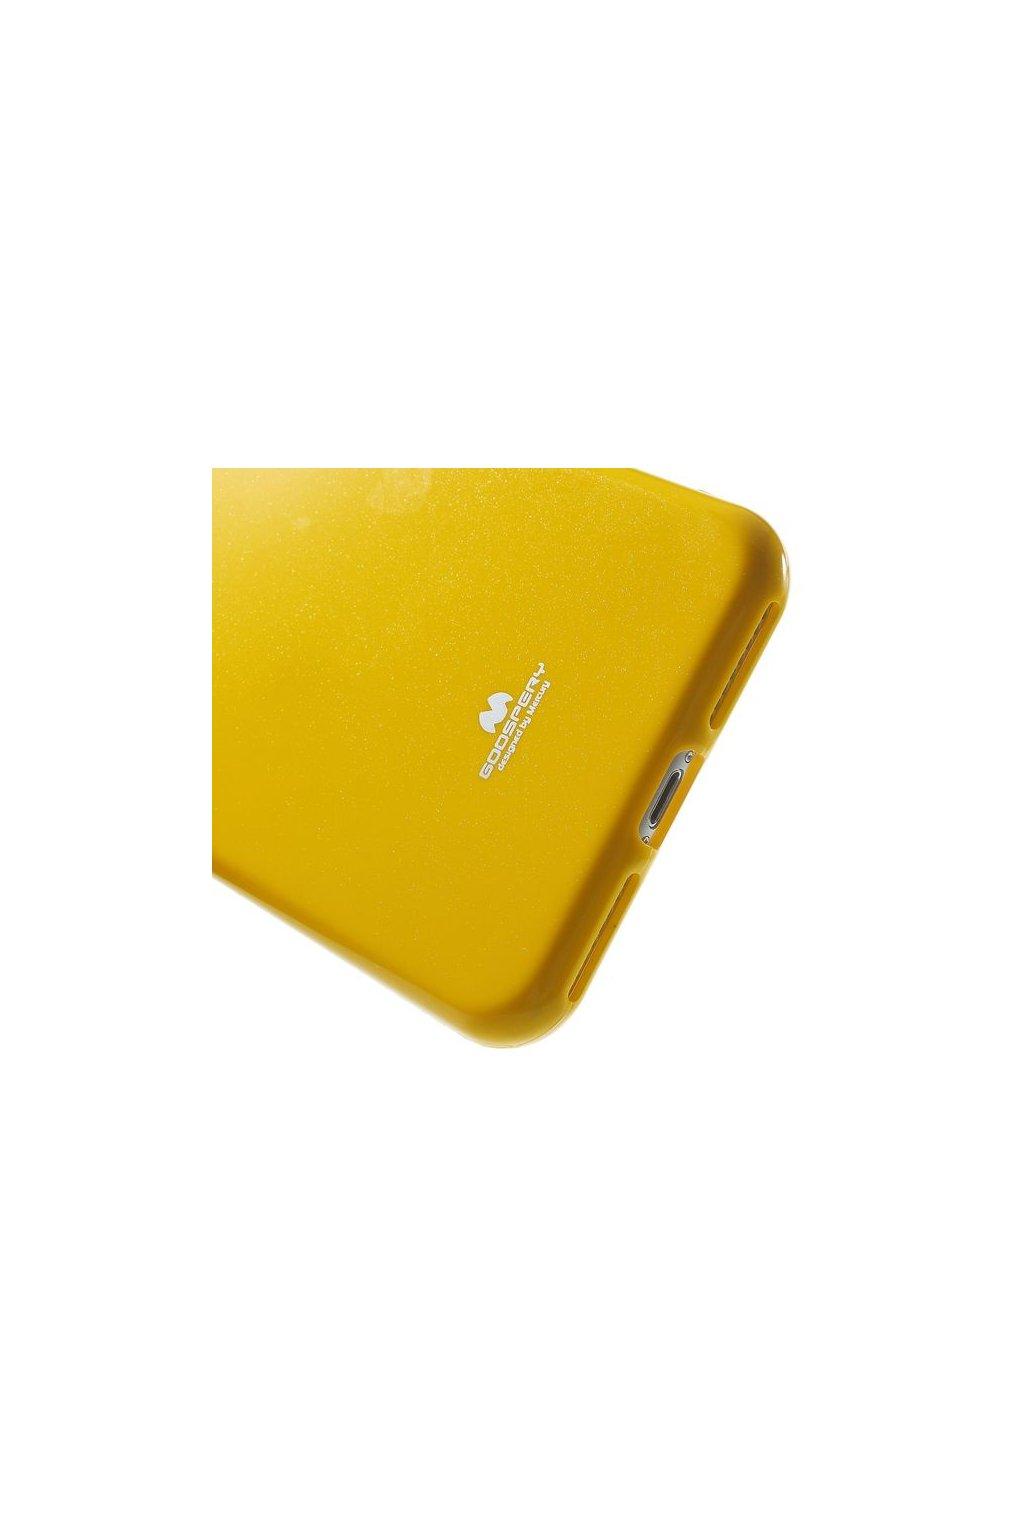 2525 goospery jelly case pro iphone 6 6s yellow